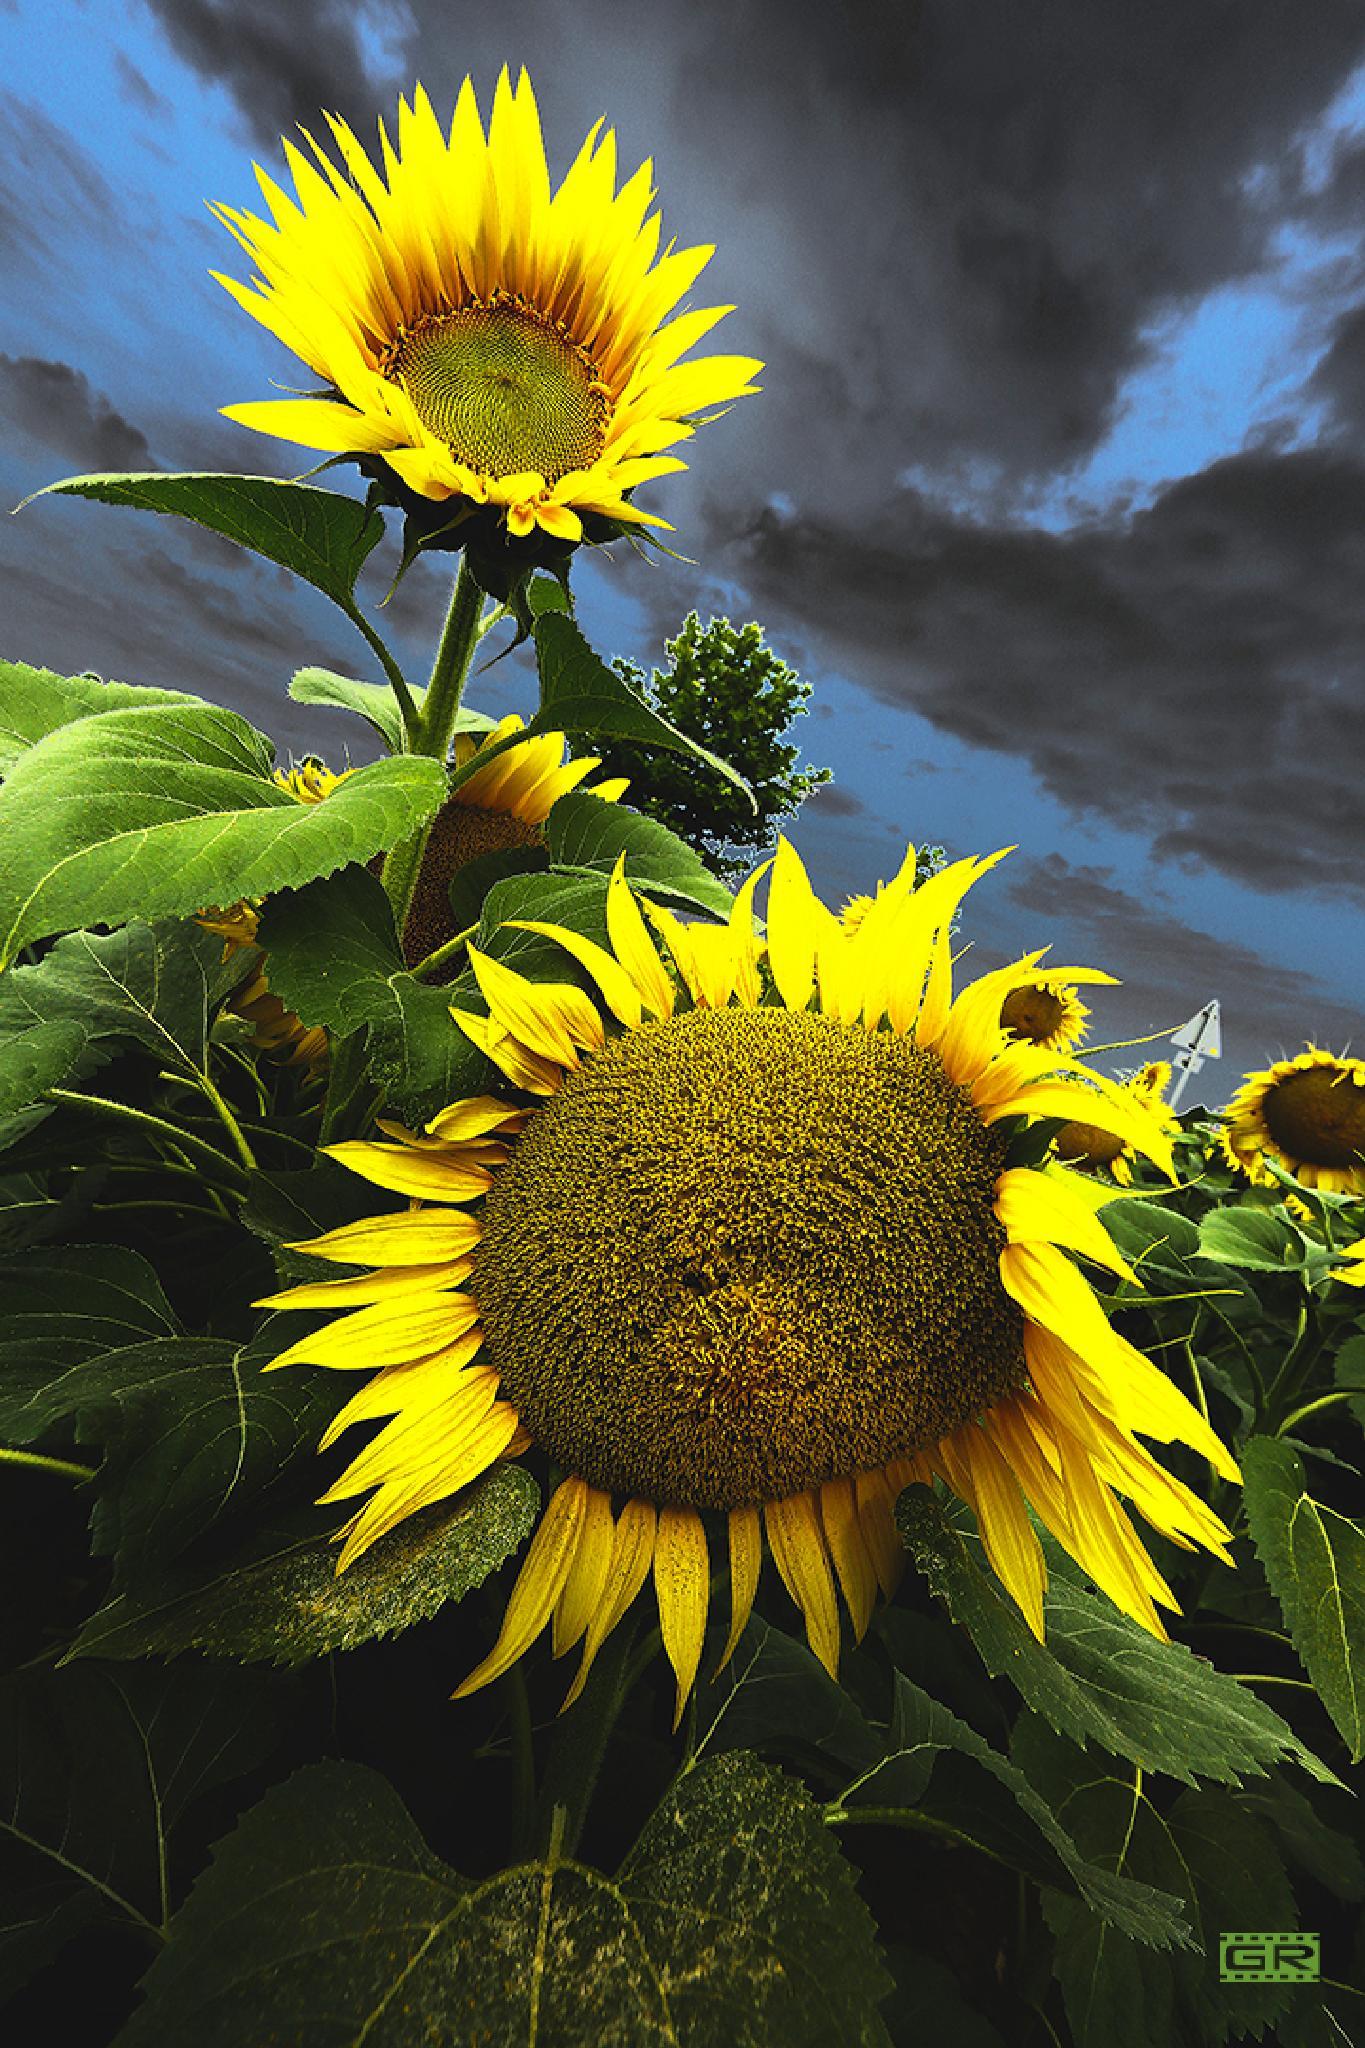 sunflower evening 3 by Róbert Gecsényi